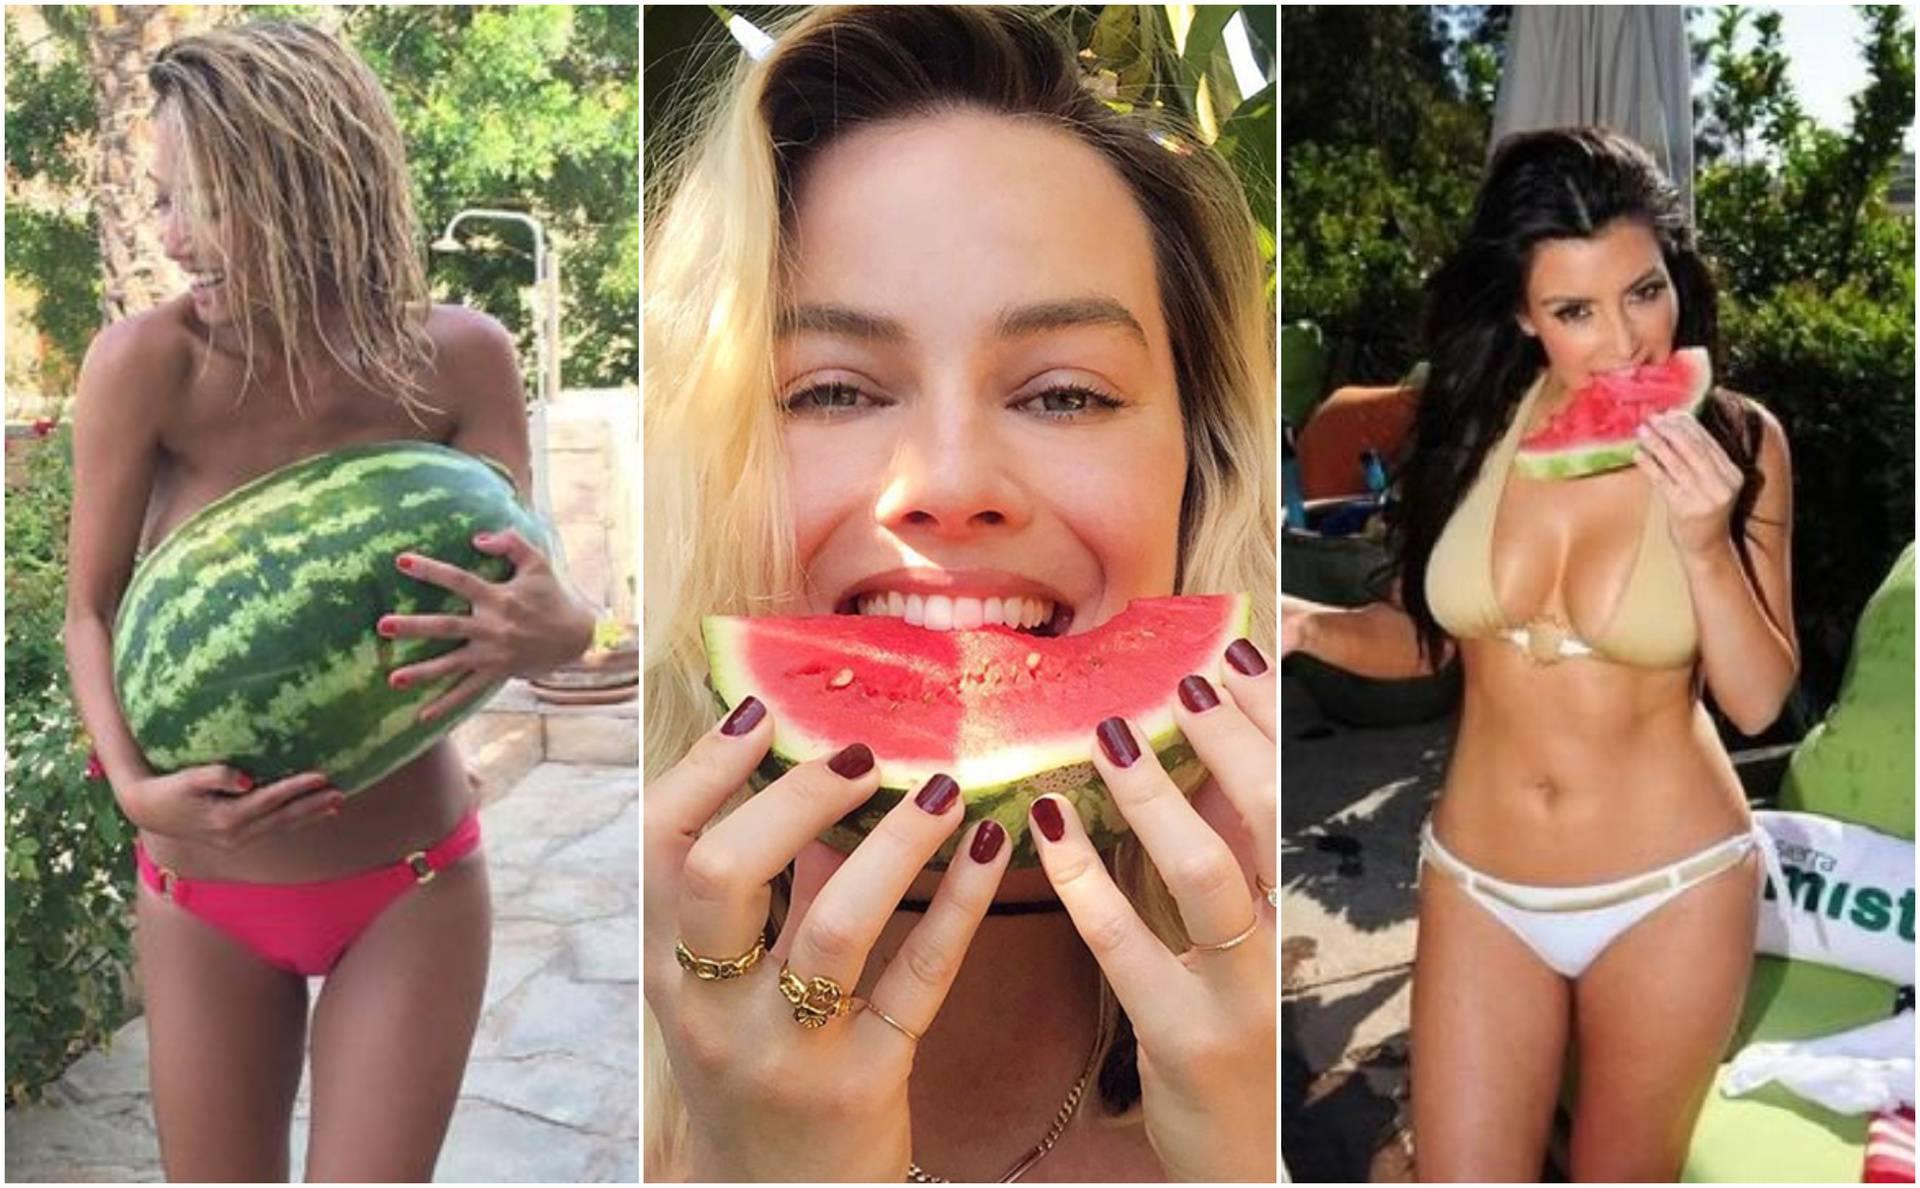 Poziranje s lubenicom